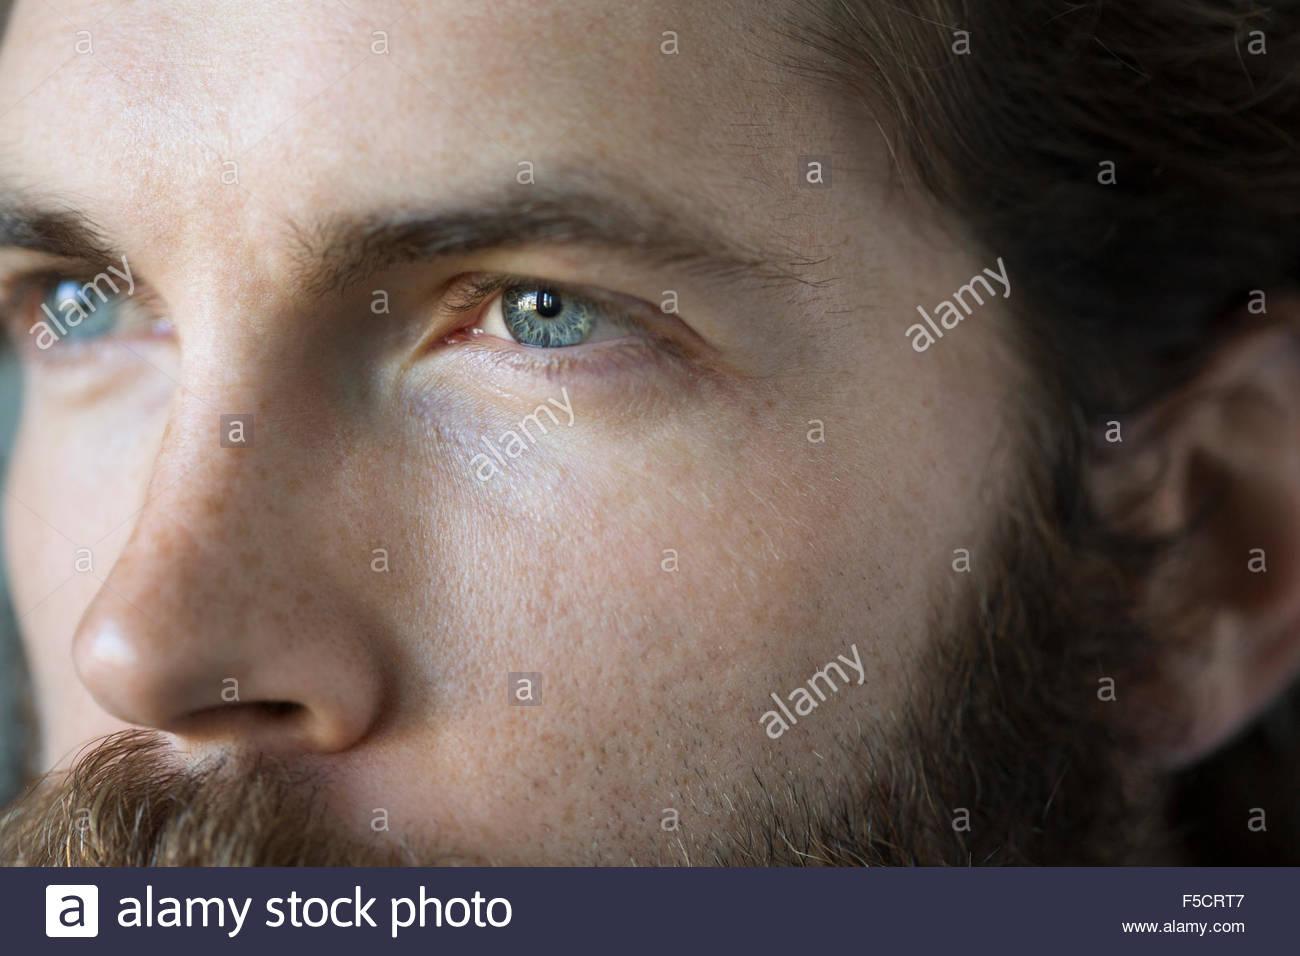 Full Frame près de santa claus yeux bleus Photo Stock